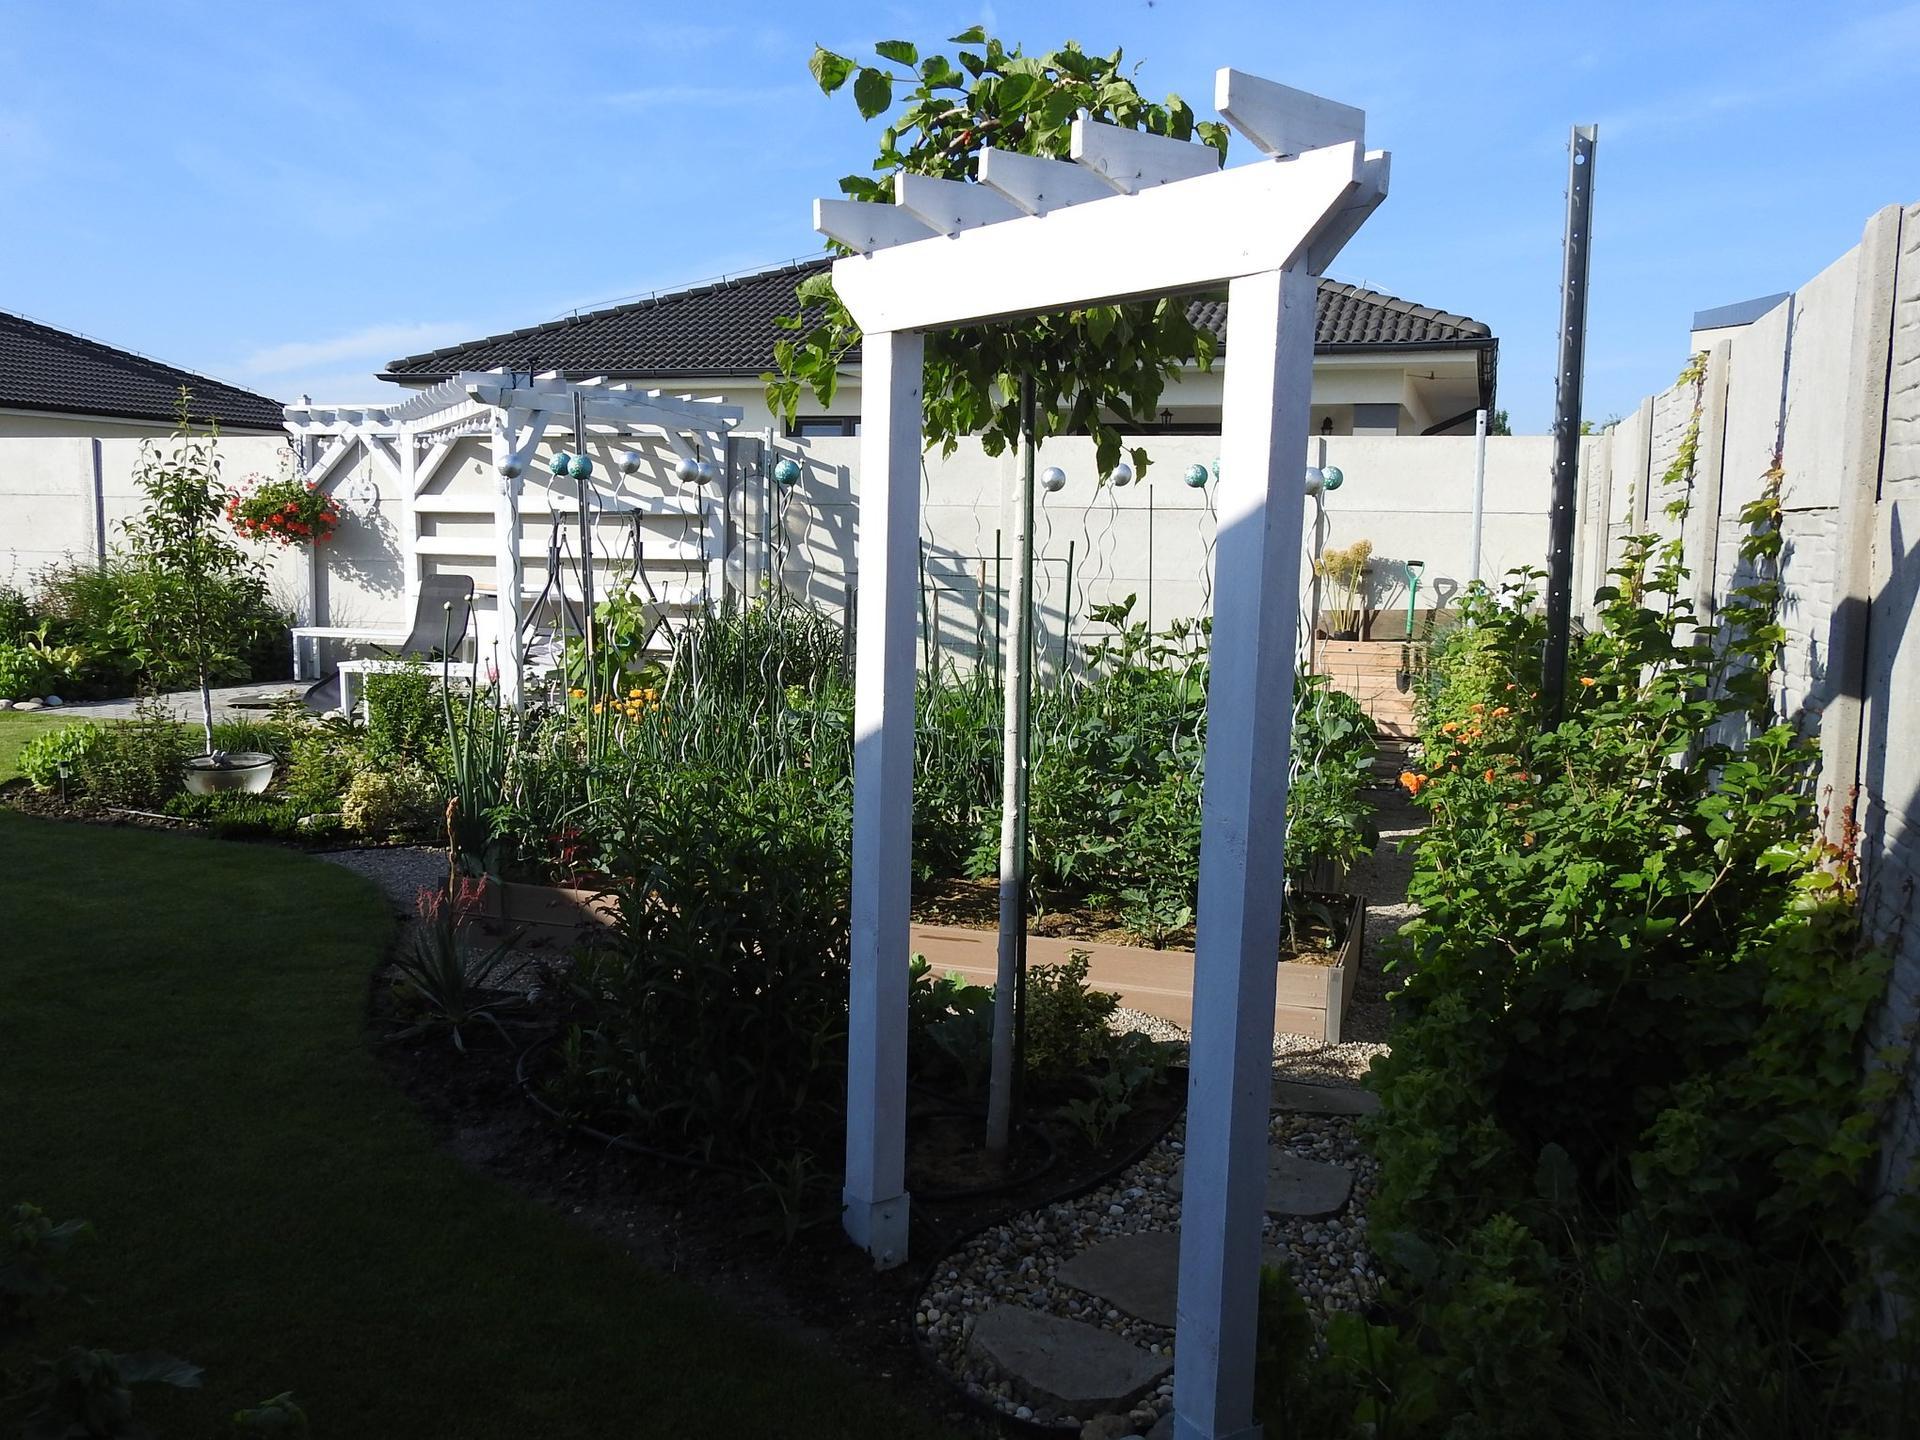 Návrh aj realizácia záhrady v mojom ponímaní - kúsok, ale veľmi podstatný kúsok úžitkovej záhrady